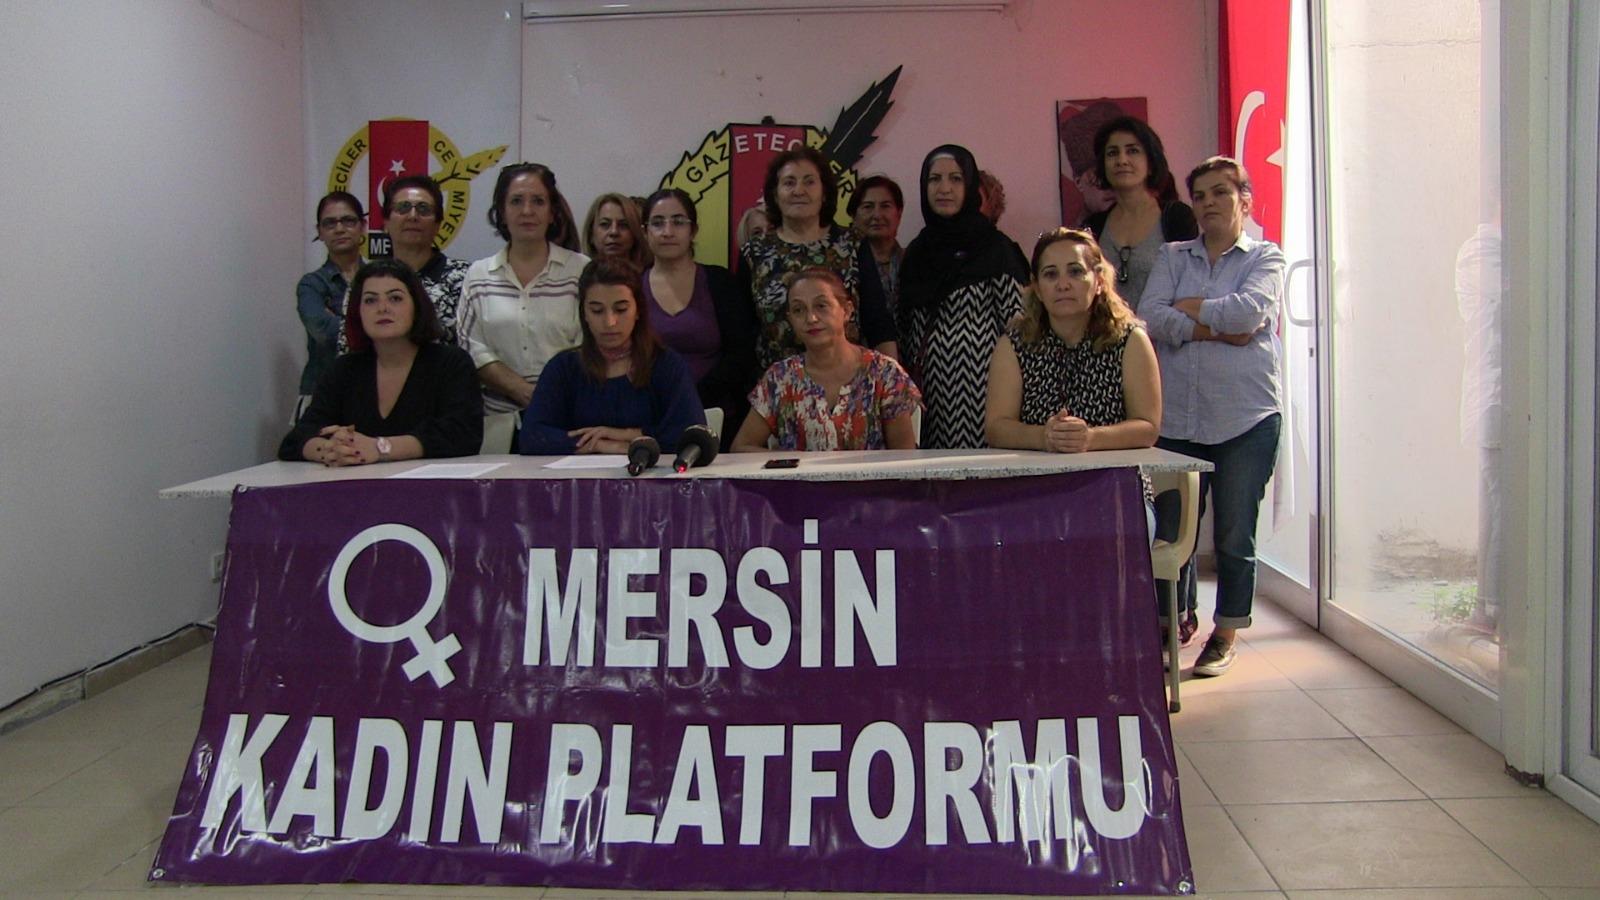 Mersin Kadın Platformu Mezitli Kent Konseyi'ni Uyardı: Kadınların İradesinin Yok Sayılmasına İzin Vermeyeceğiz